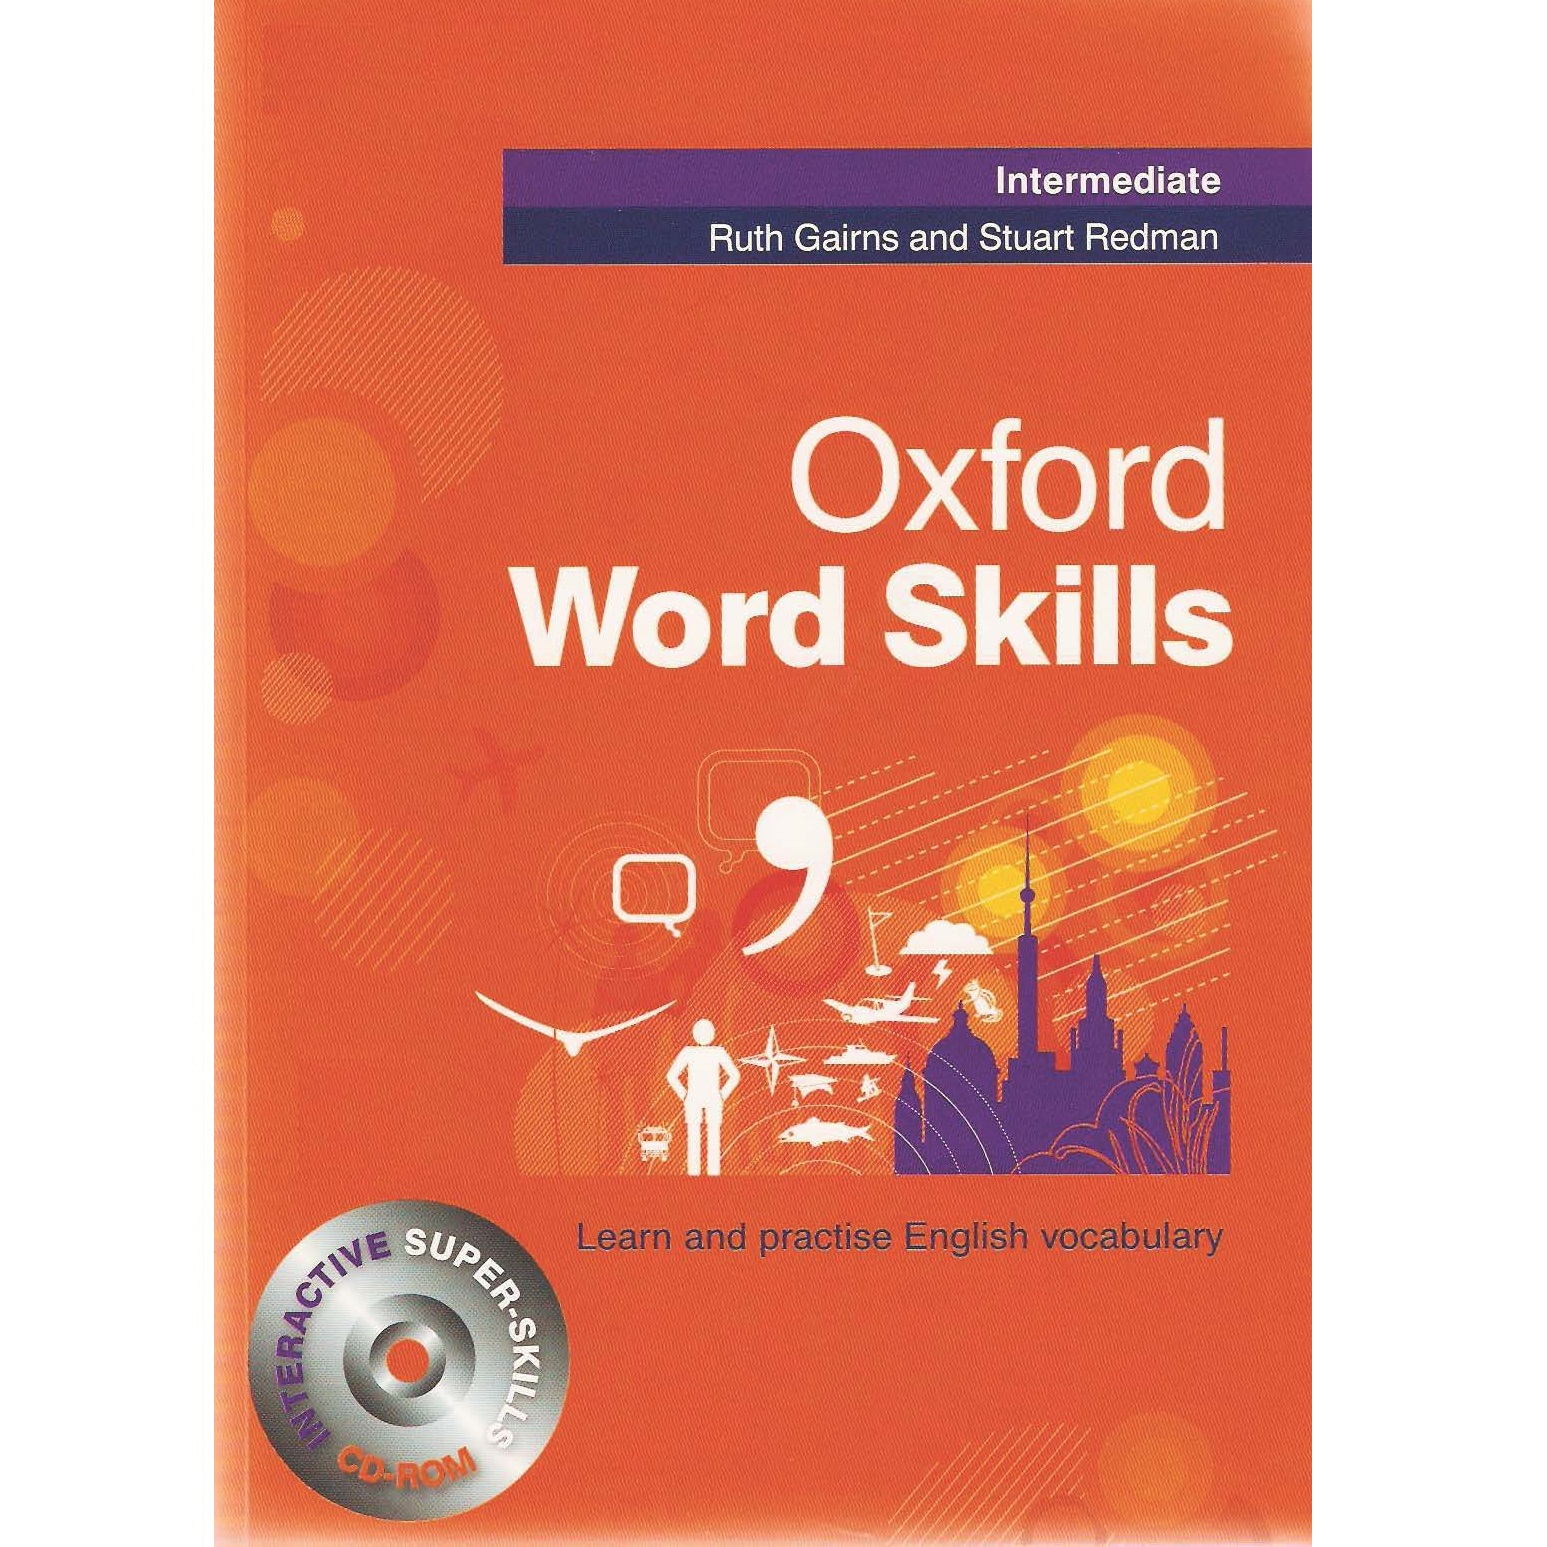 کتاب Oxford Word Skills Intermediate اثر Ruth Gairns انتشارات oxford